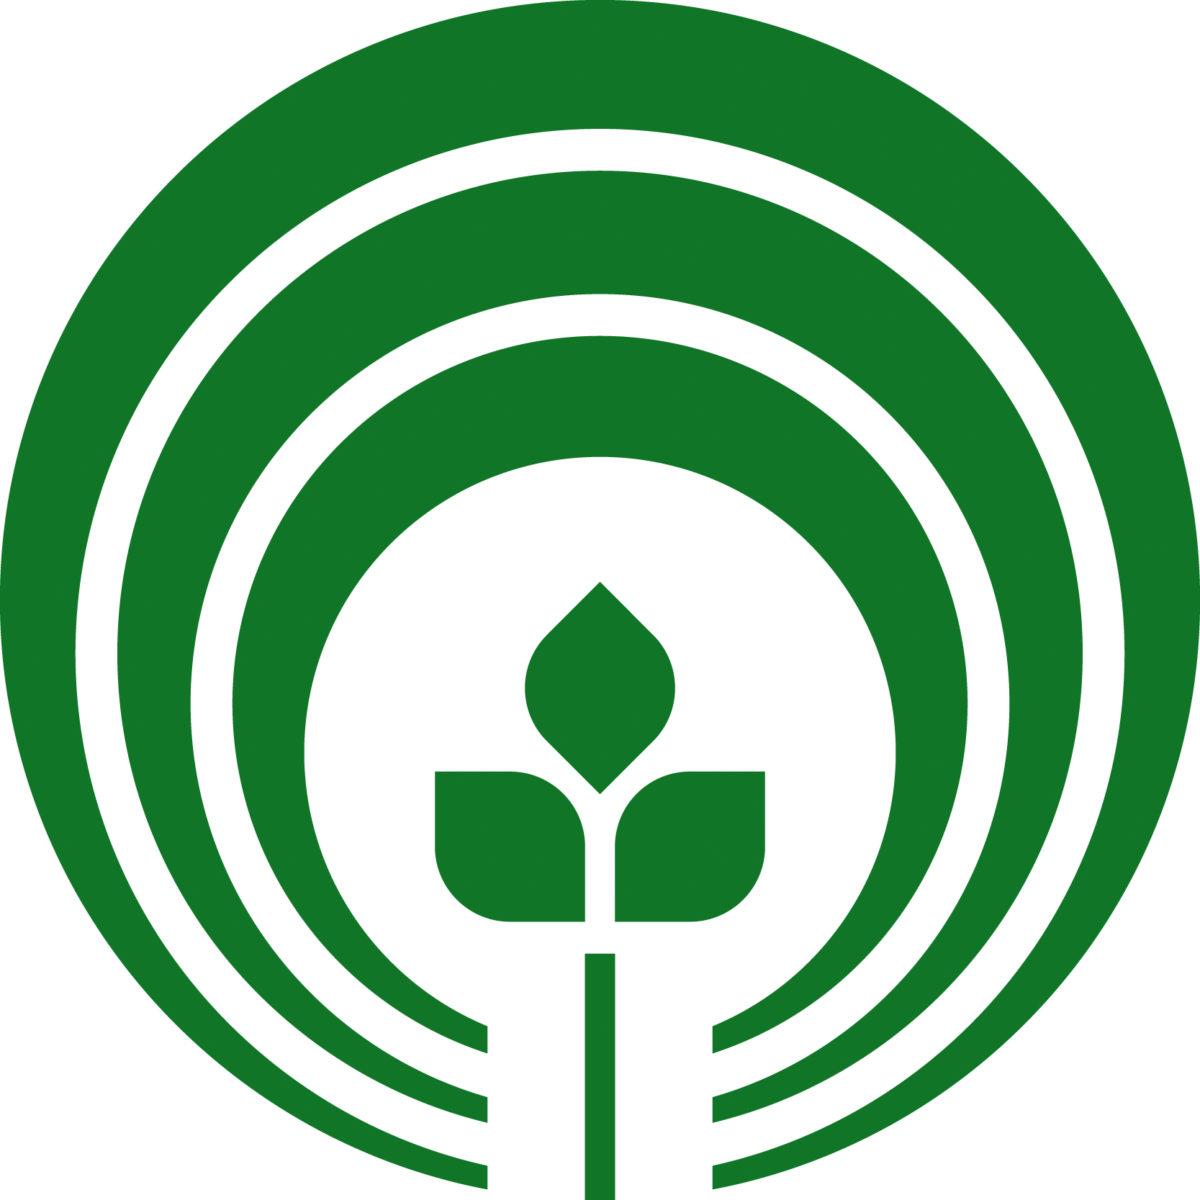 SVLFG informiert: Beitragsstundung bei finanziellen Engpässen